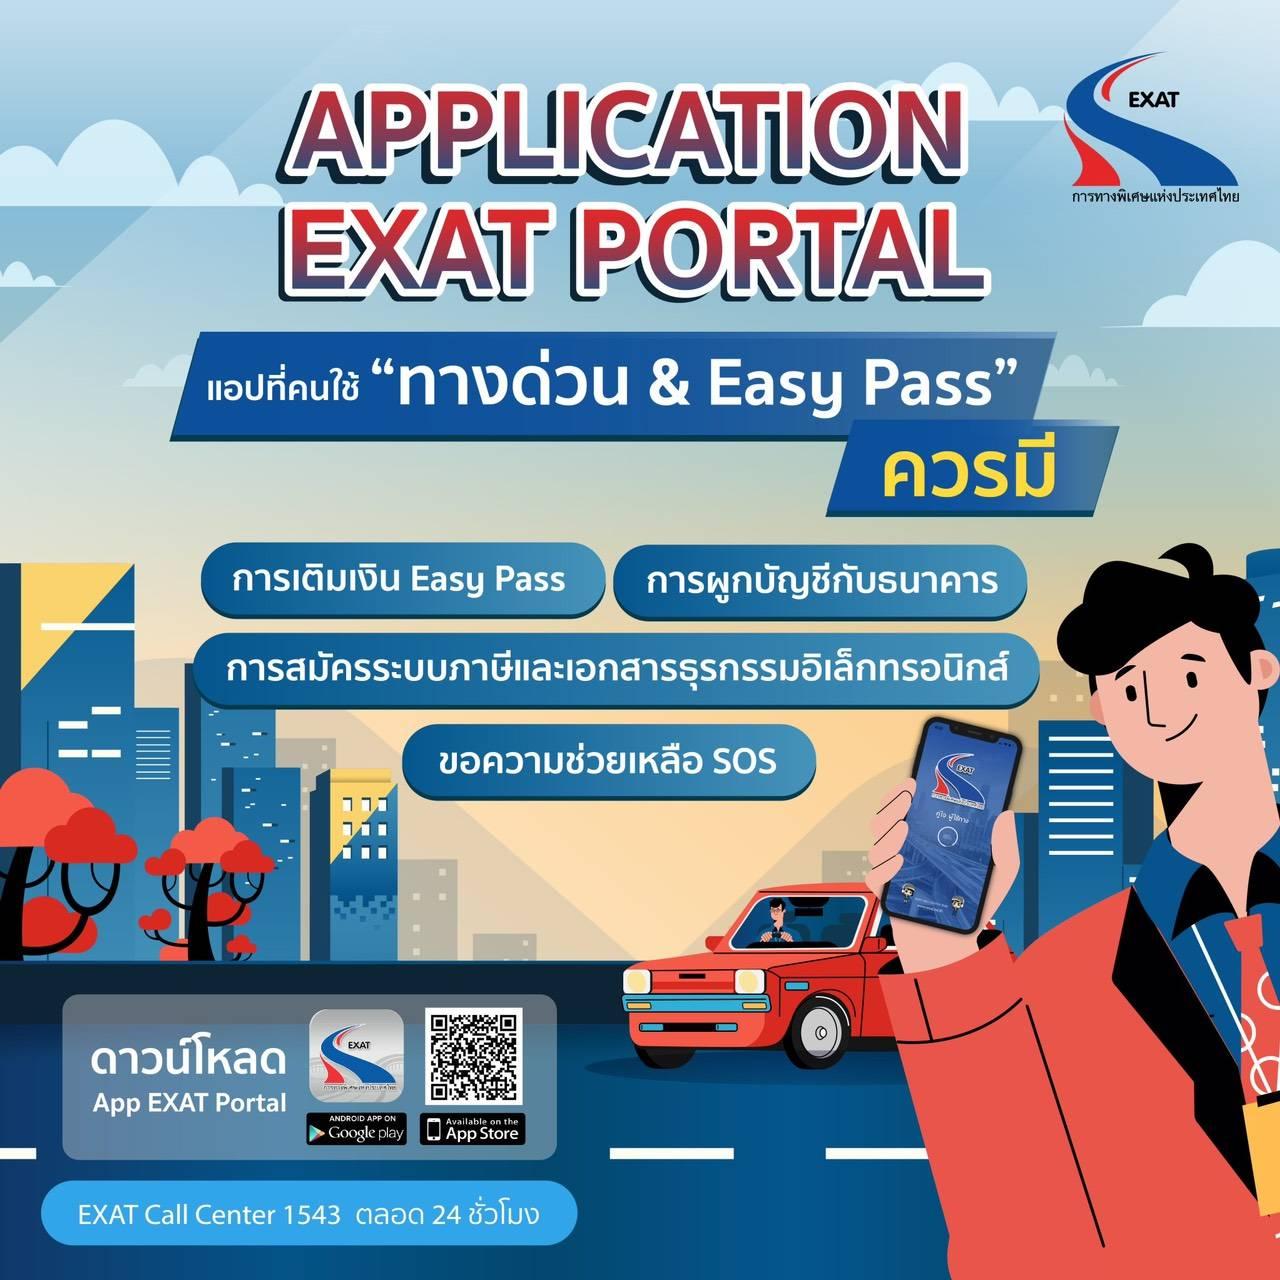 """""""ใช้ชีวิตง่ายๆ เปลี่ยนชีวิตให้ SMART ด้วย Application EXAT PORTAL  แอปพลิเคชั่น คู่ใจผู้ใช้ทาง"""